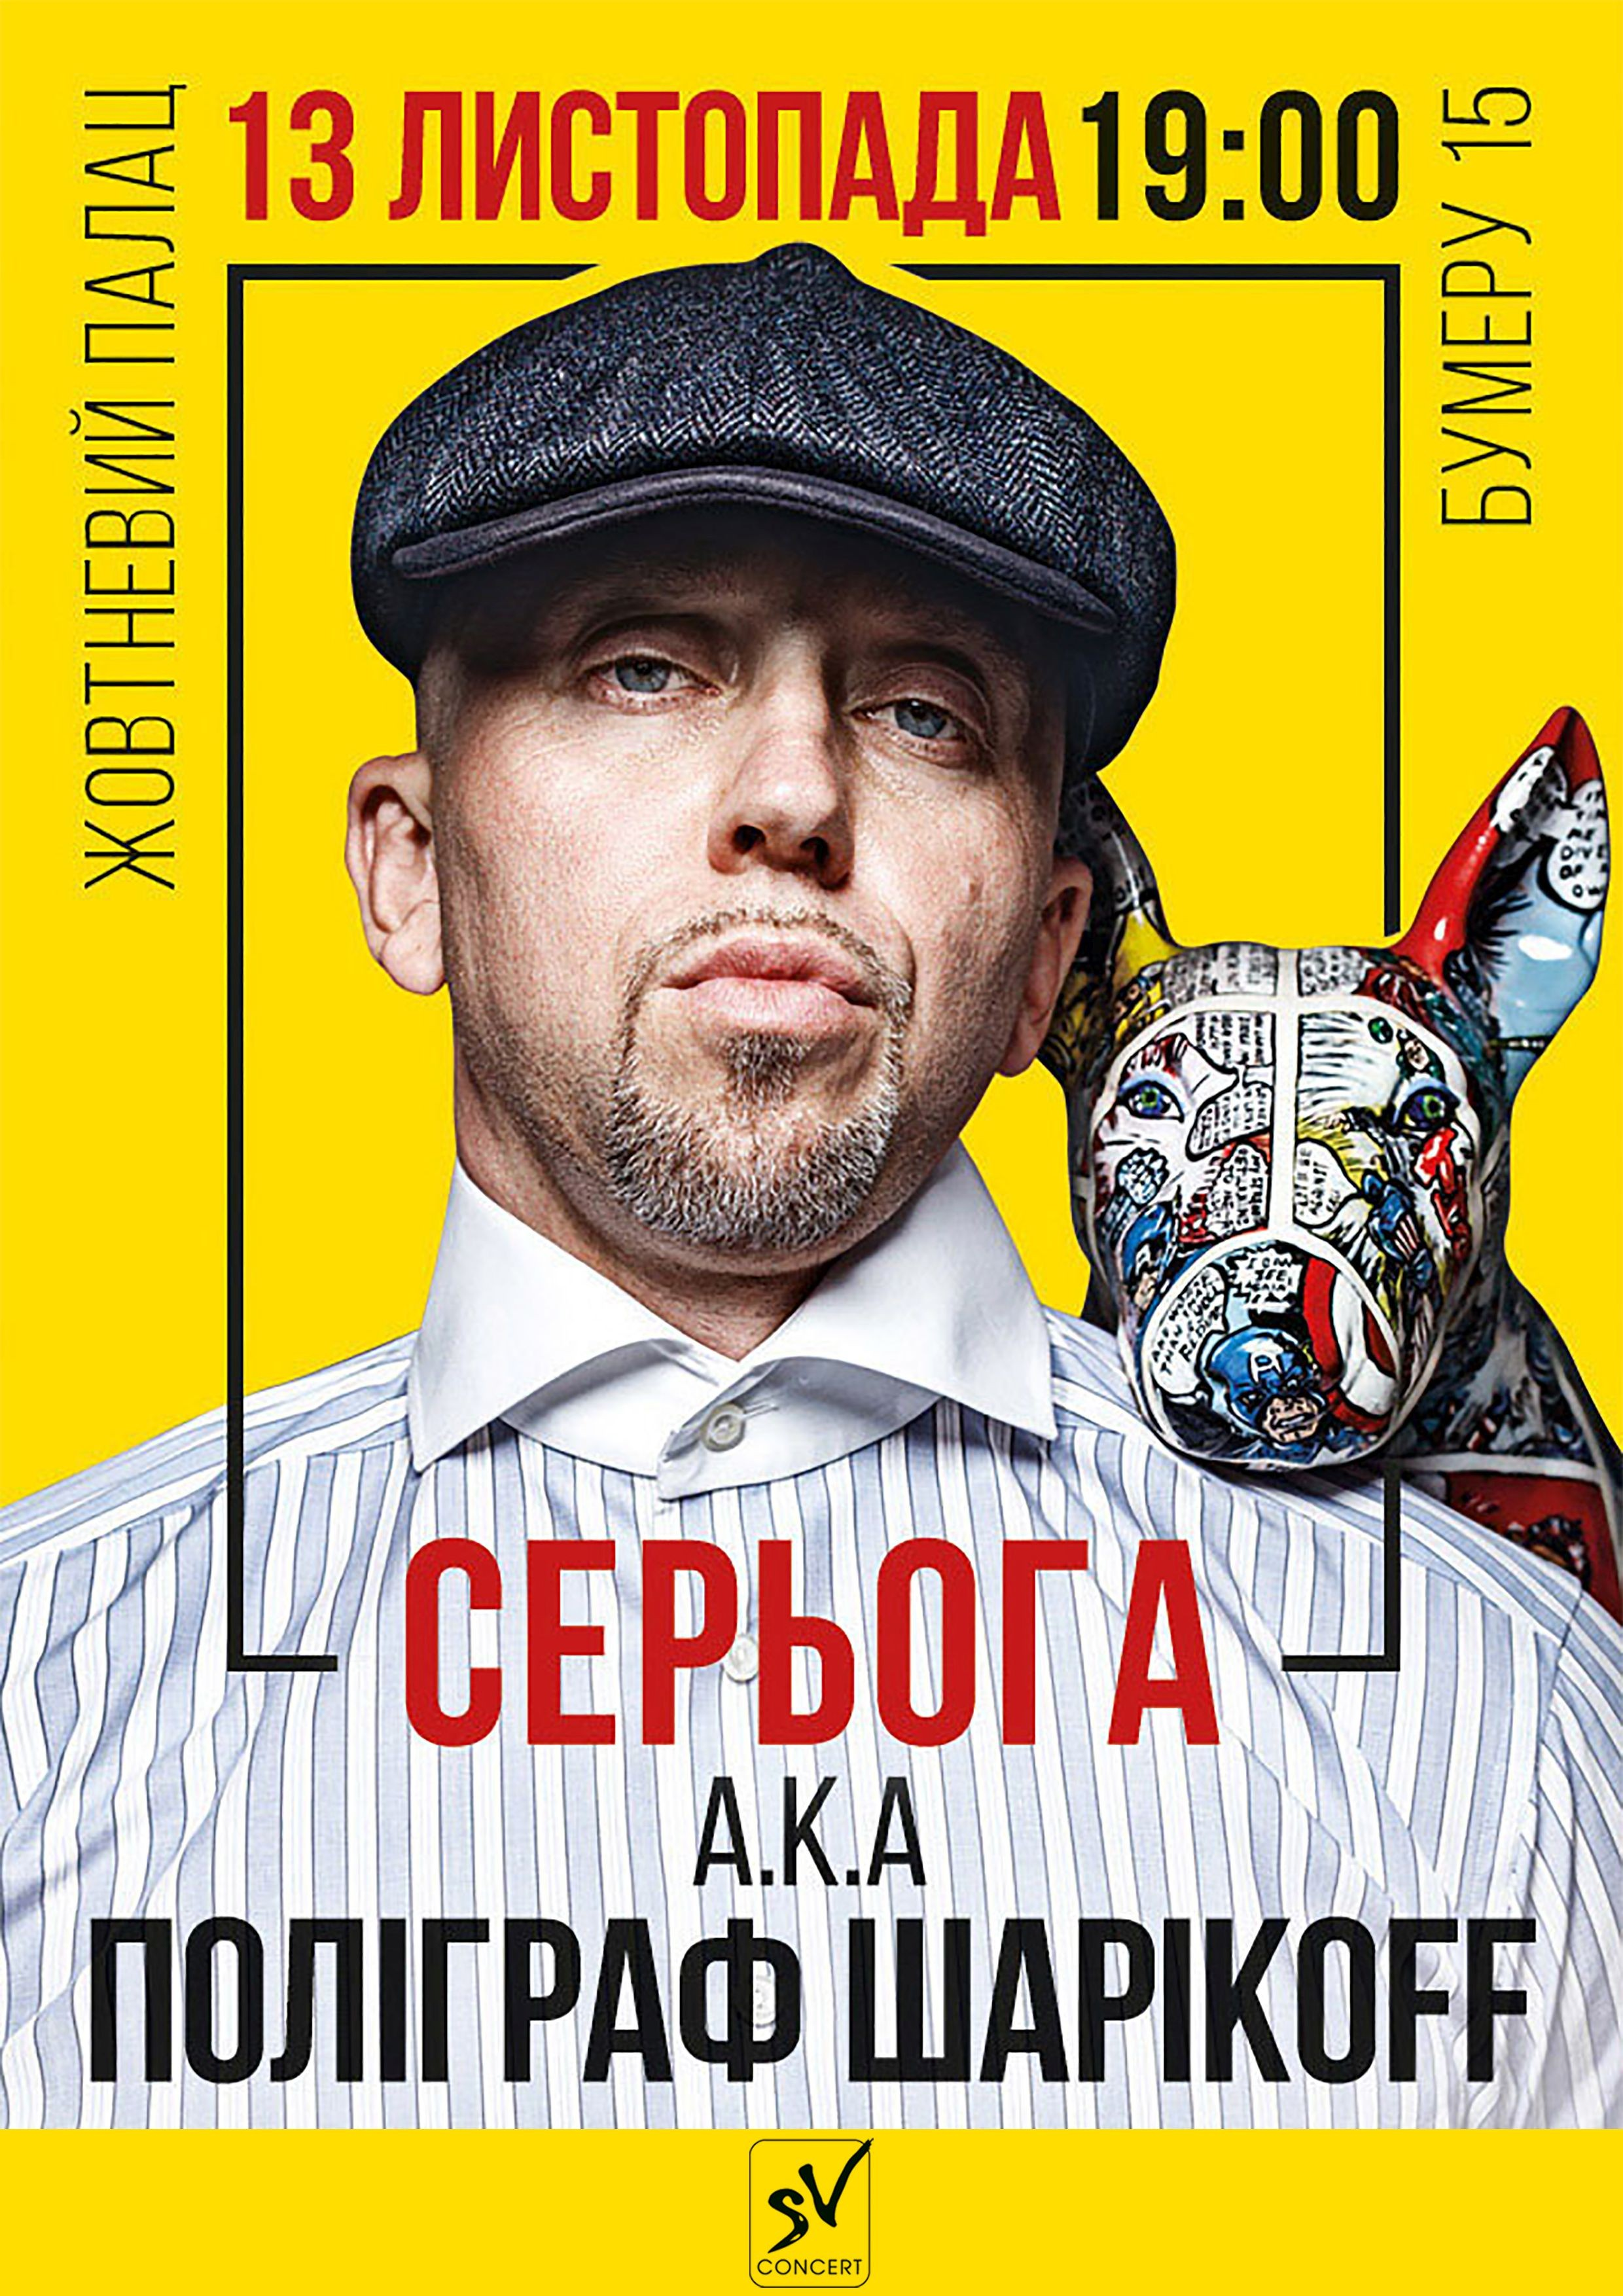 Билеты Серьога А.К.А. Поліграф ШарікоFF